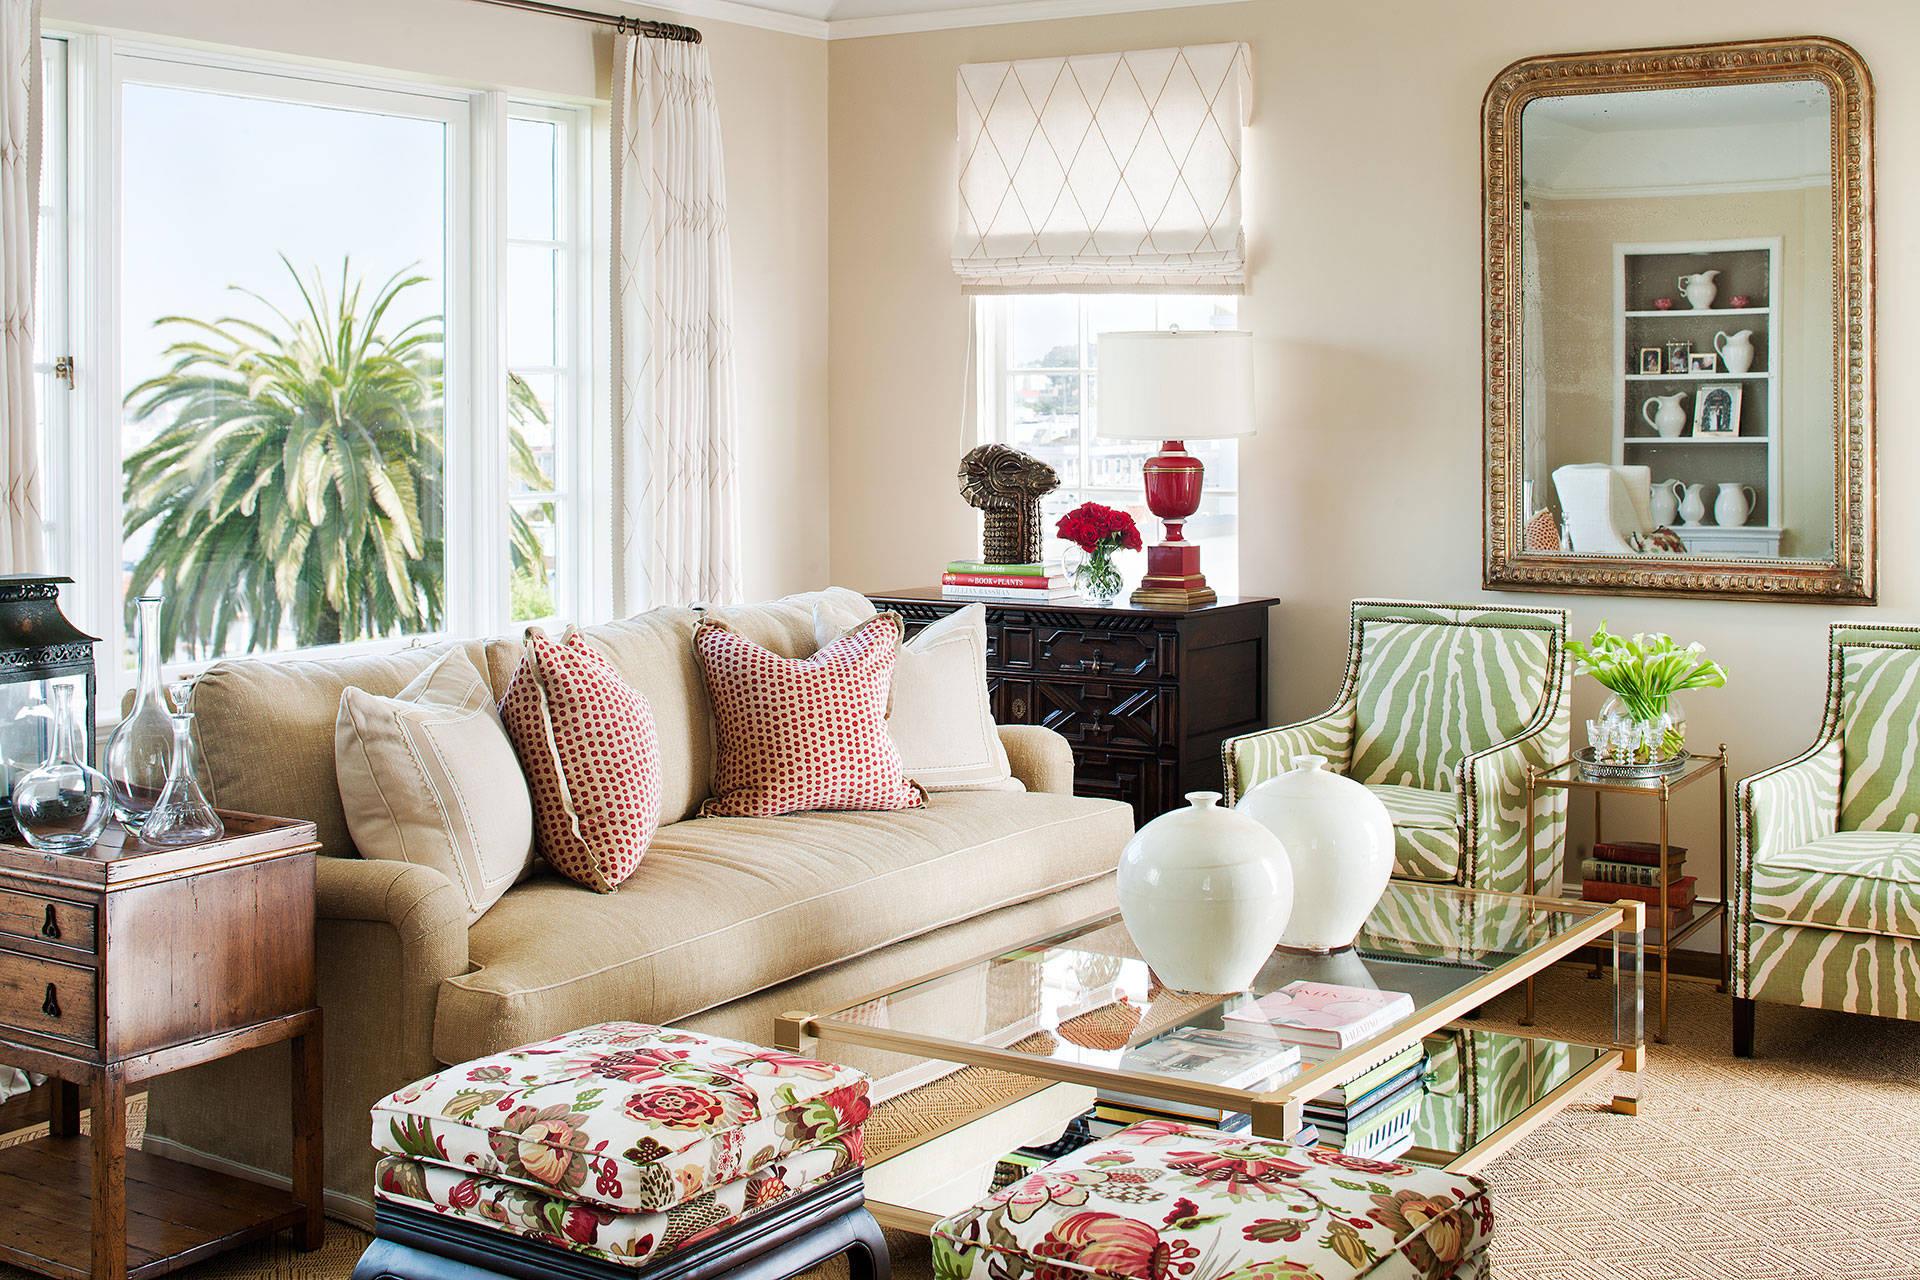 Бежевый диван еврокнижка в гостиной в стиле арт-деко